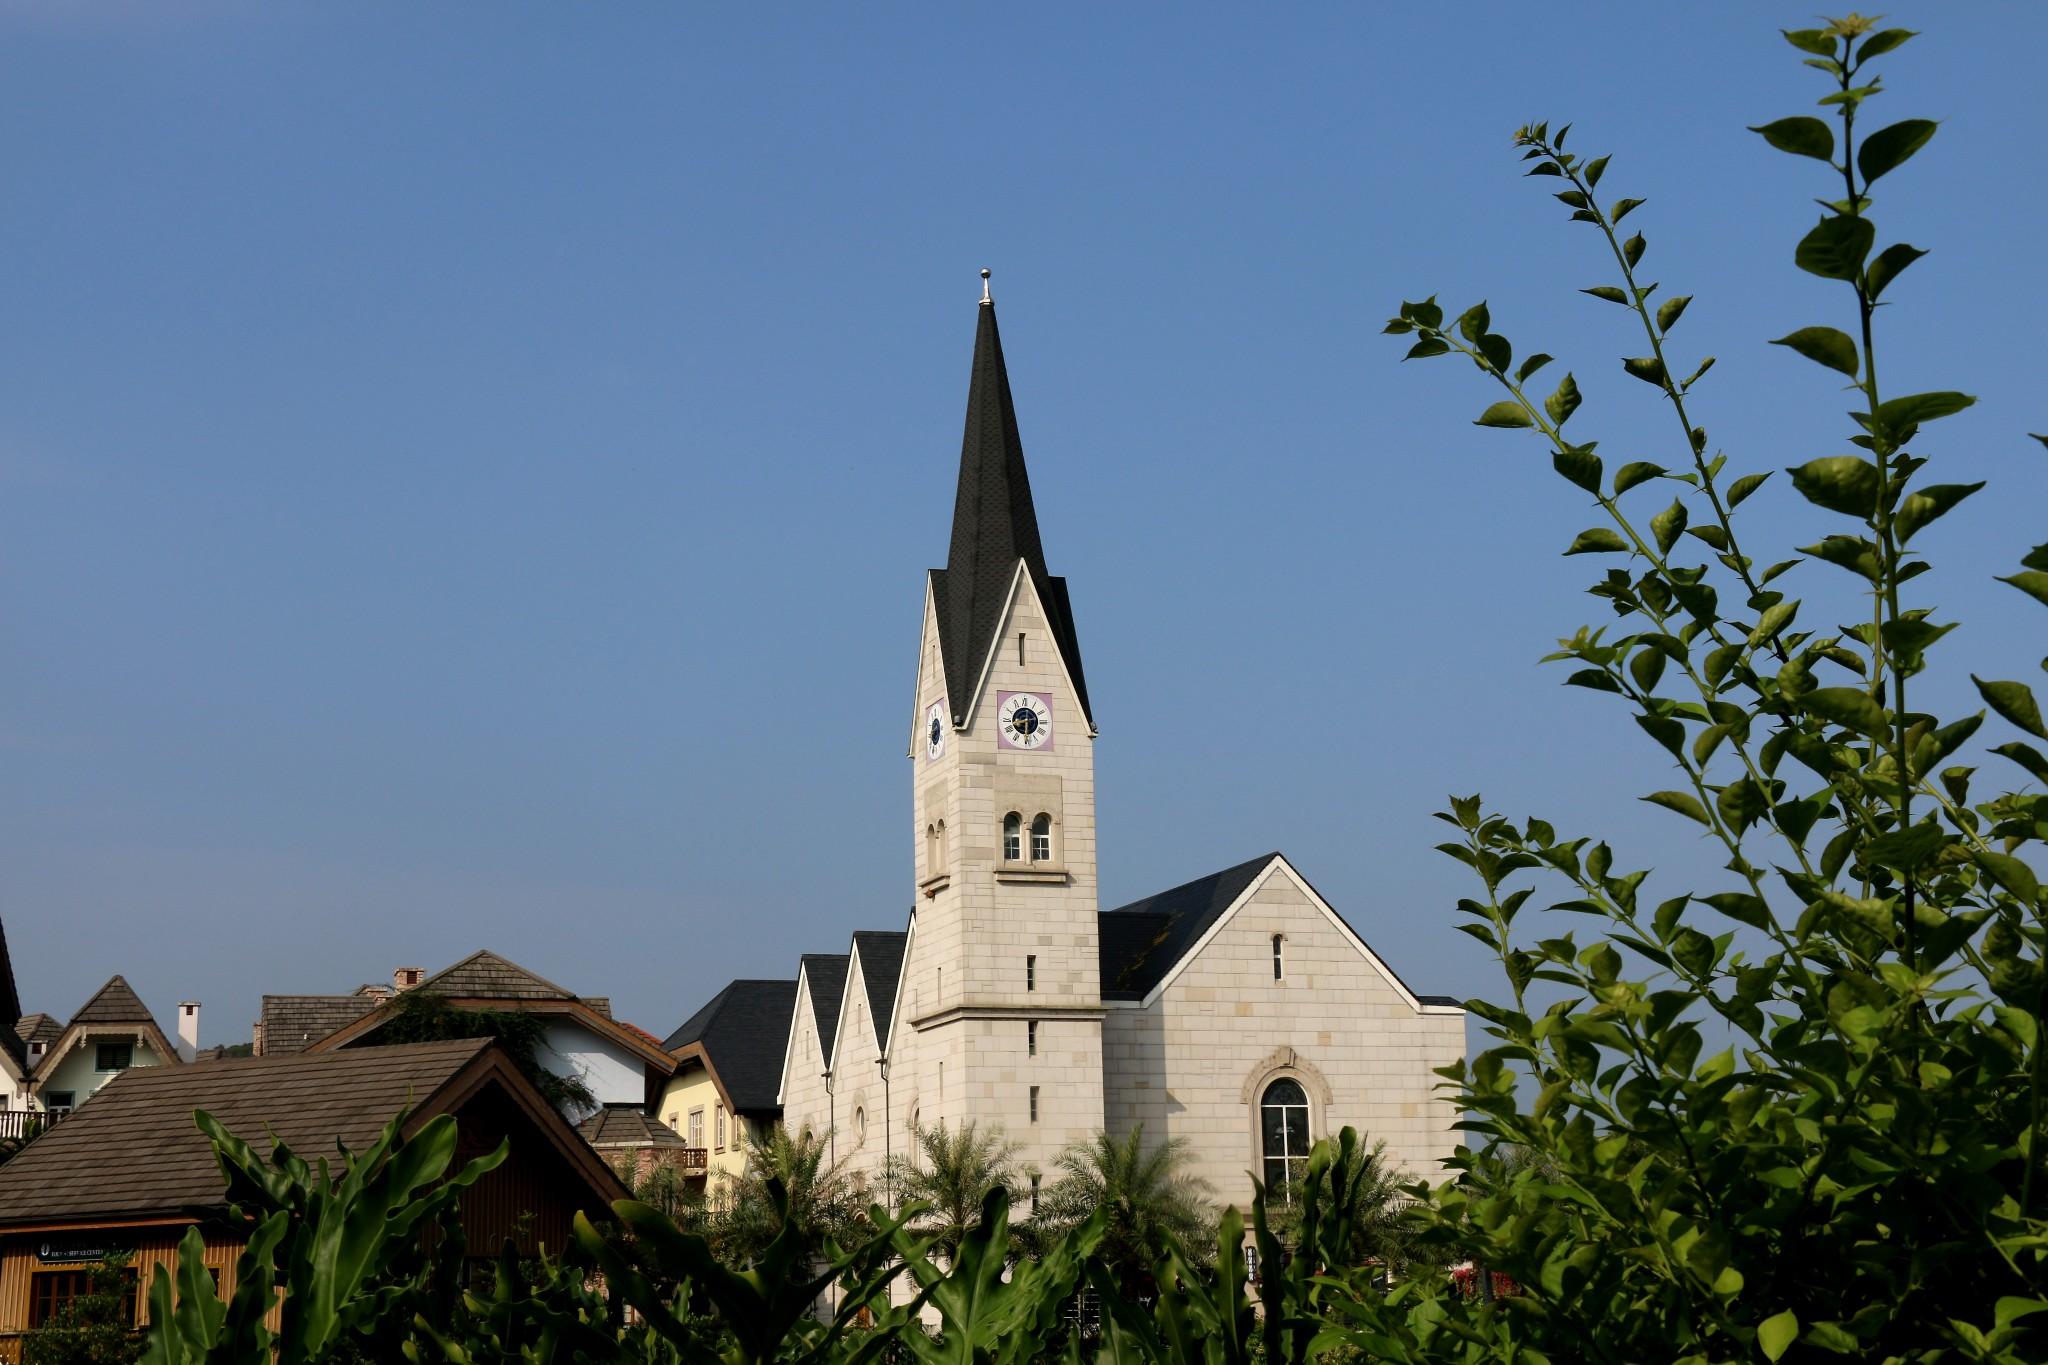 让我们遇见最美的惠州奥地利小镇